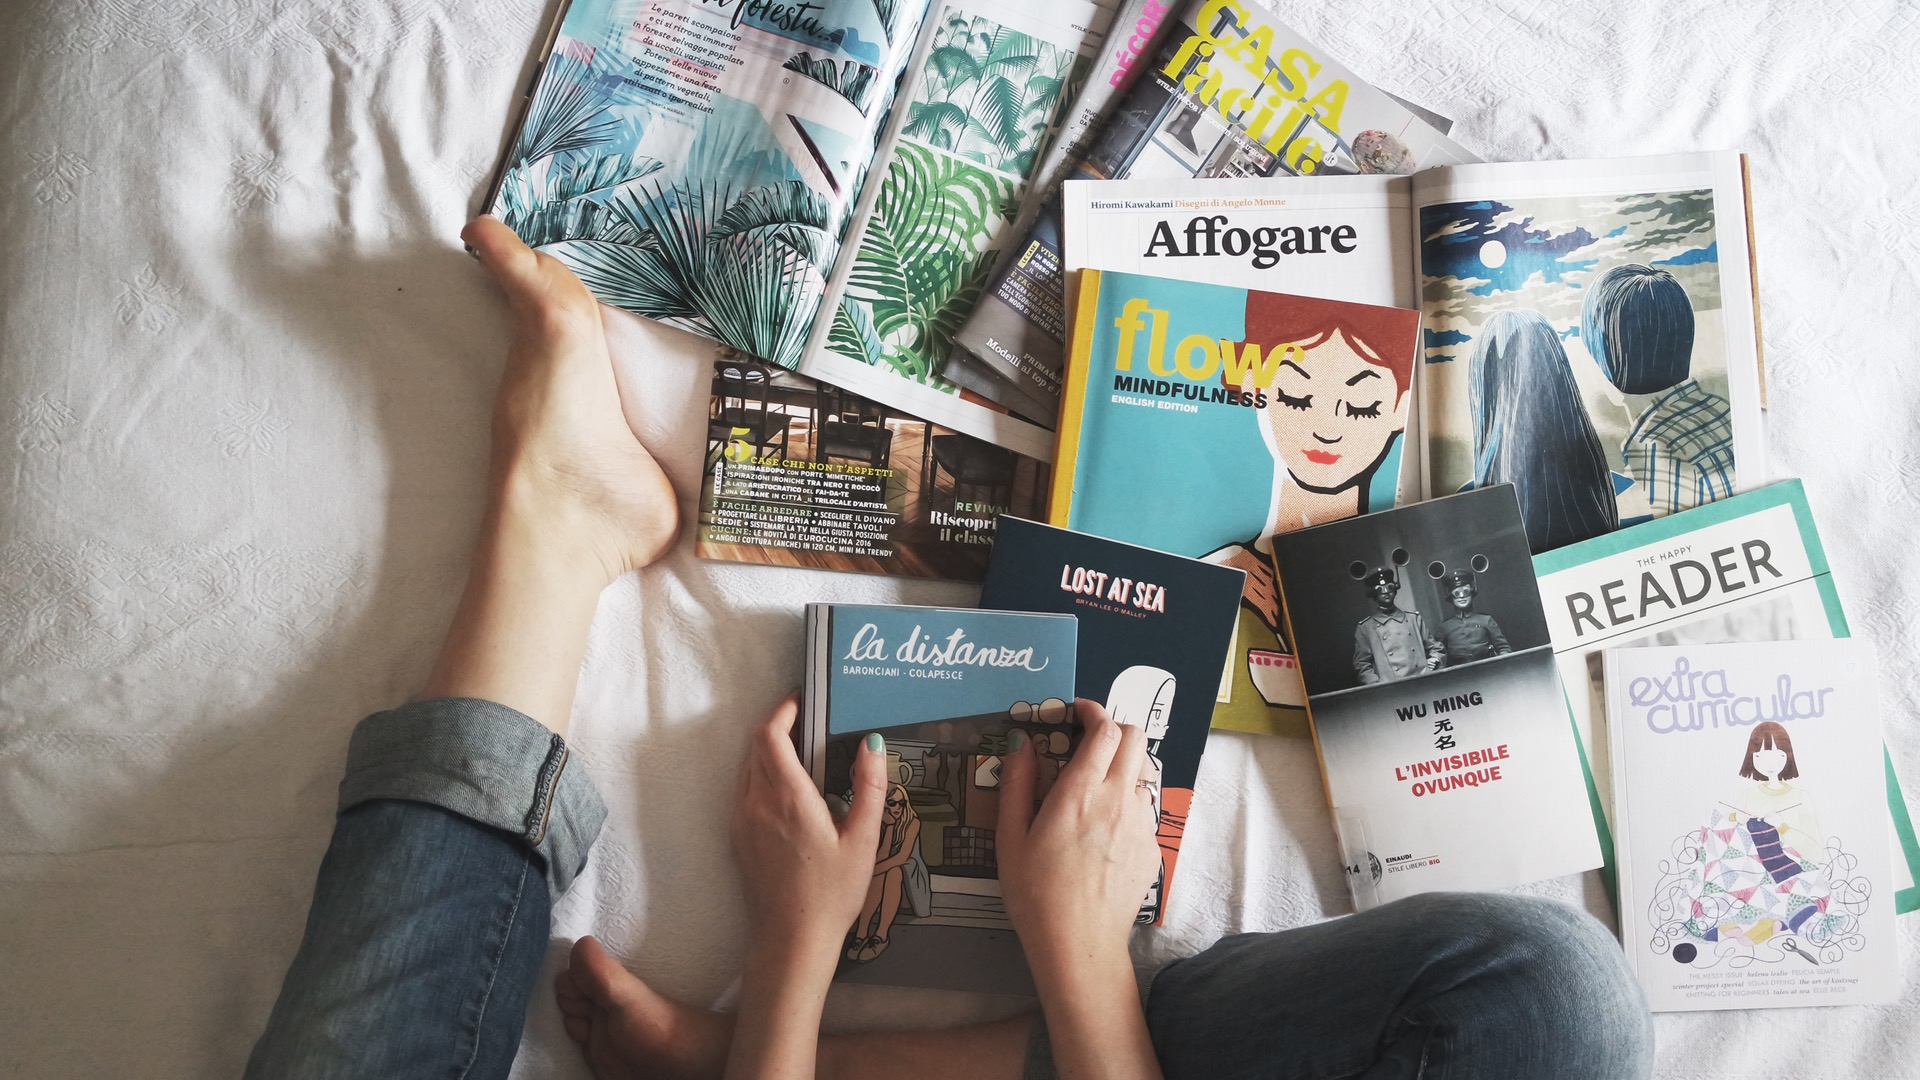 iniziativa editoriale di Repubblica e L'espresso libri da leggere